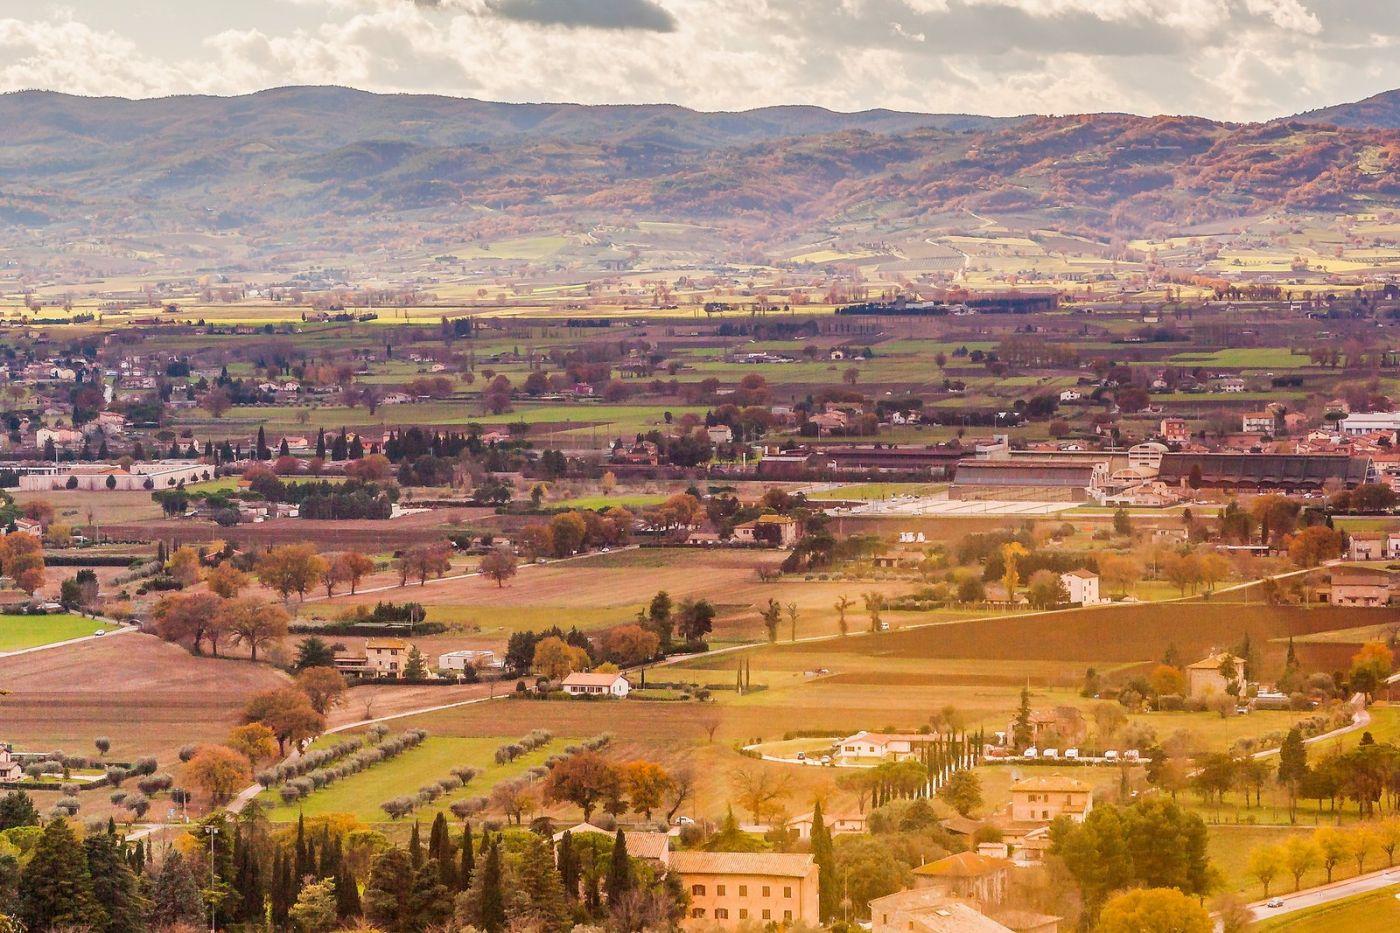 意大利阿西西(Assisi), 登高放眼_图1-10